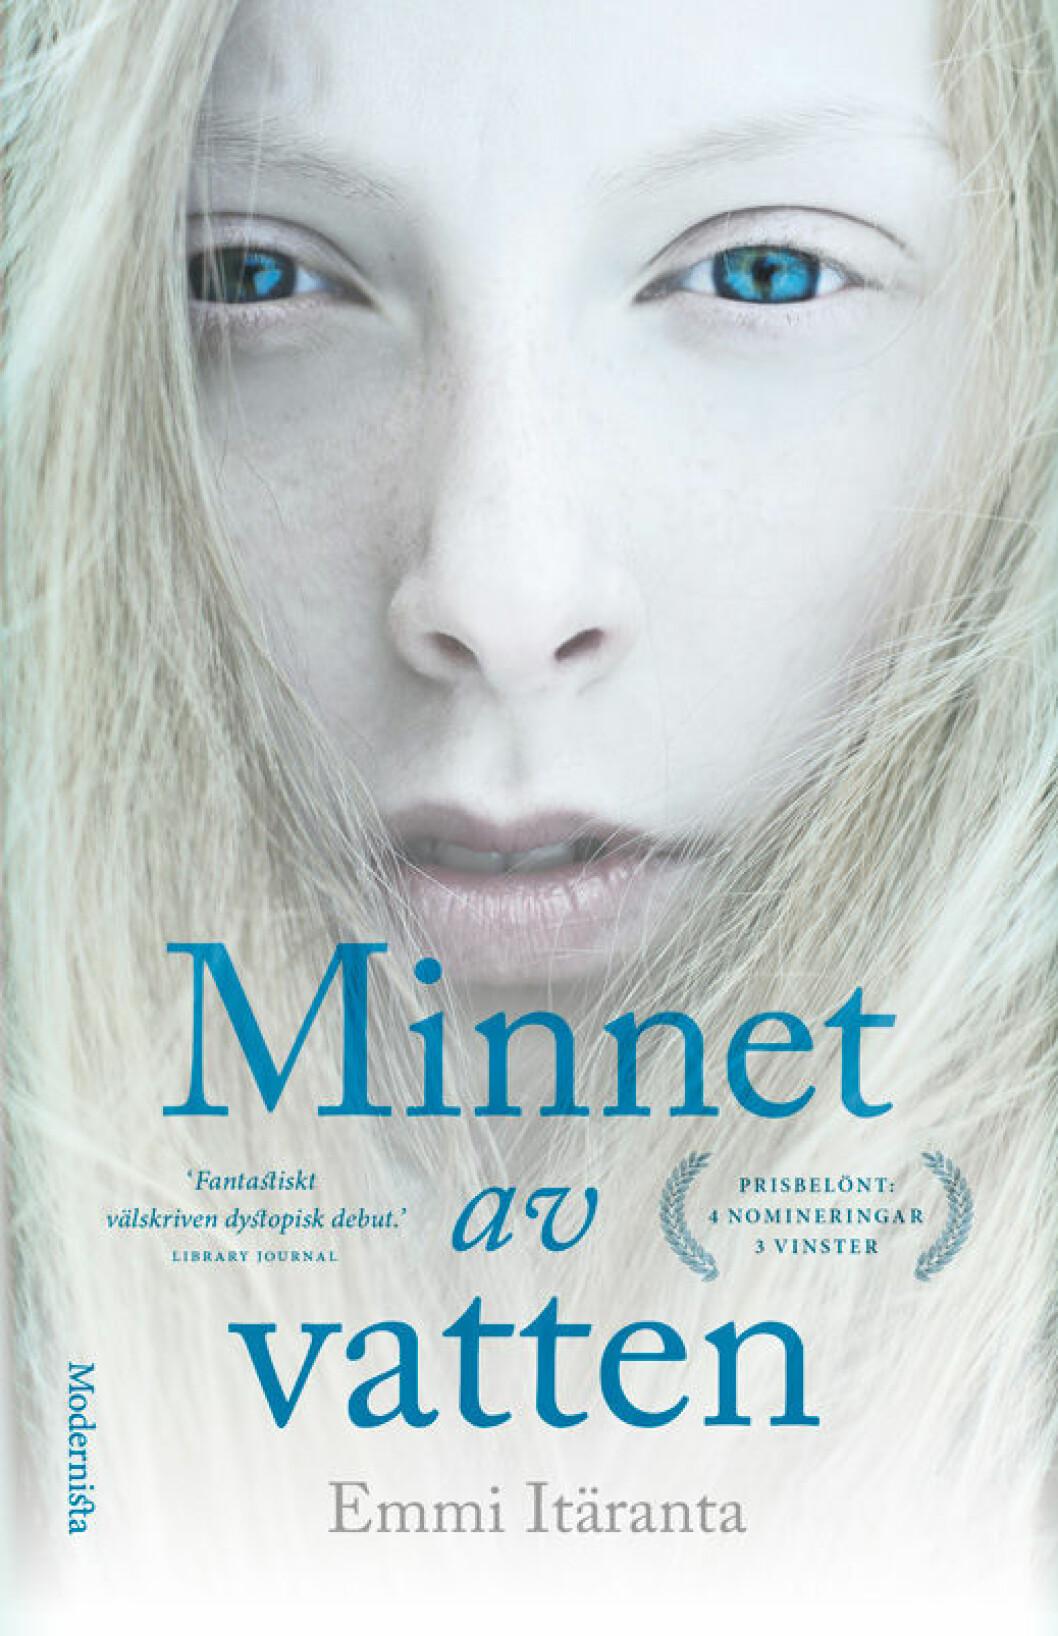 Minnet av vatten, en dystopisk bok av Emmi Itäranta.